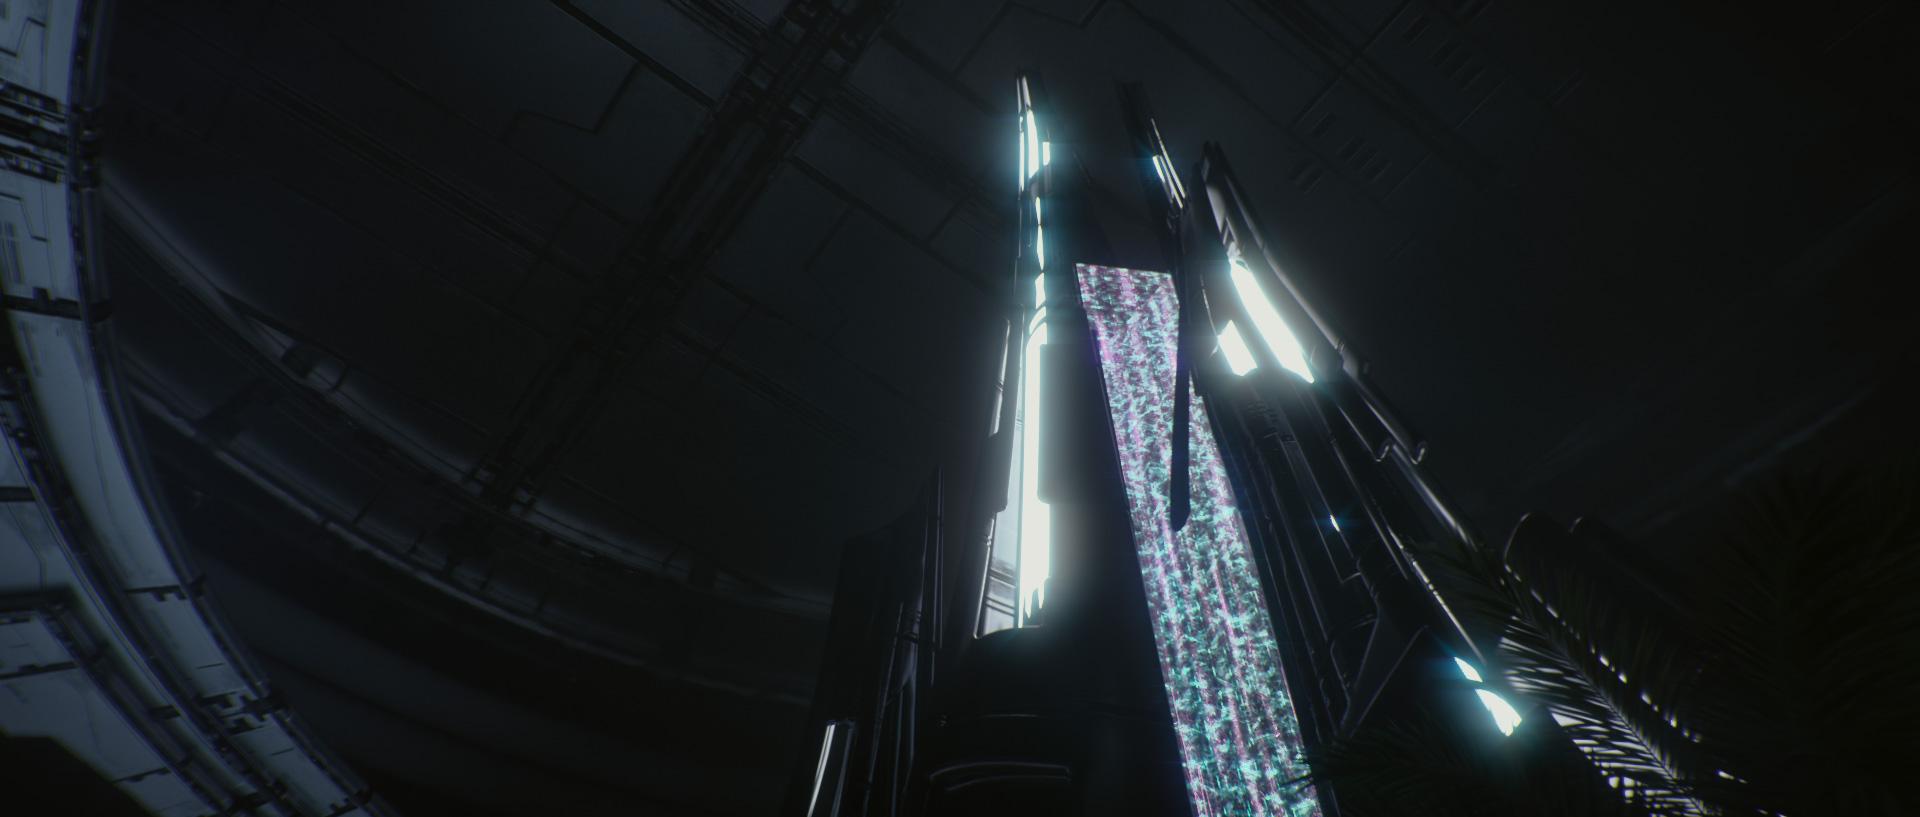 Cam_Bellow_Tower (0-00-00-08).jpg